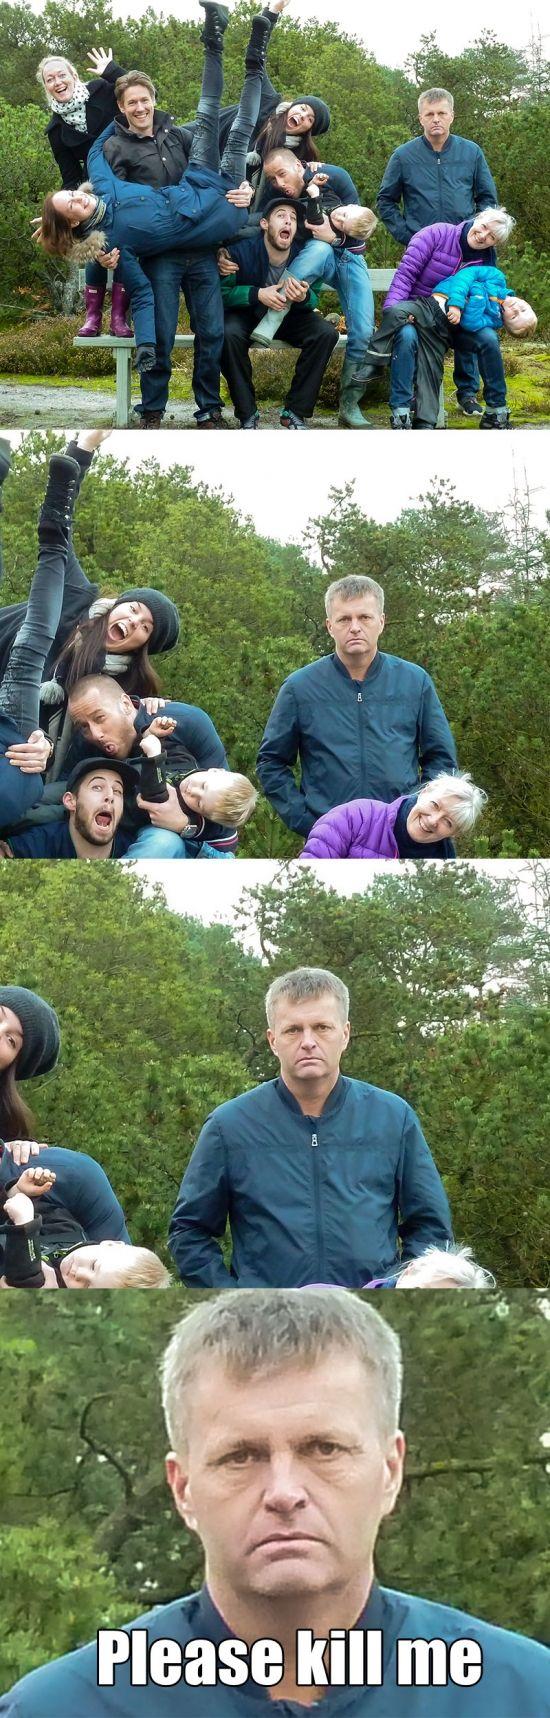 El típico familiar que es la alegría de la huerta http://ift.tt/14lZl2t